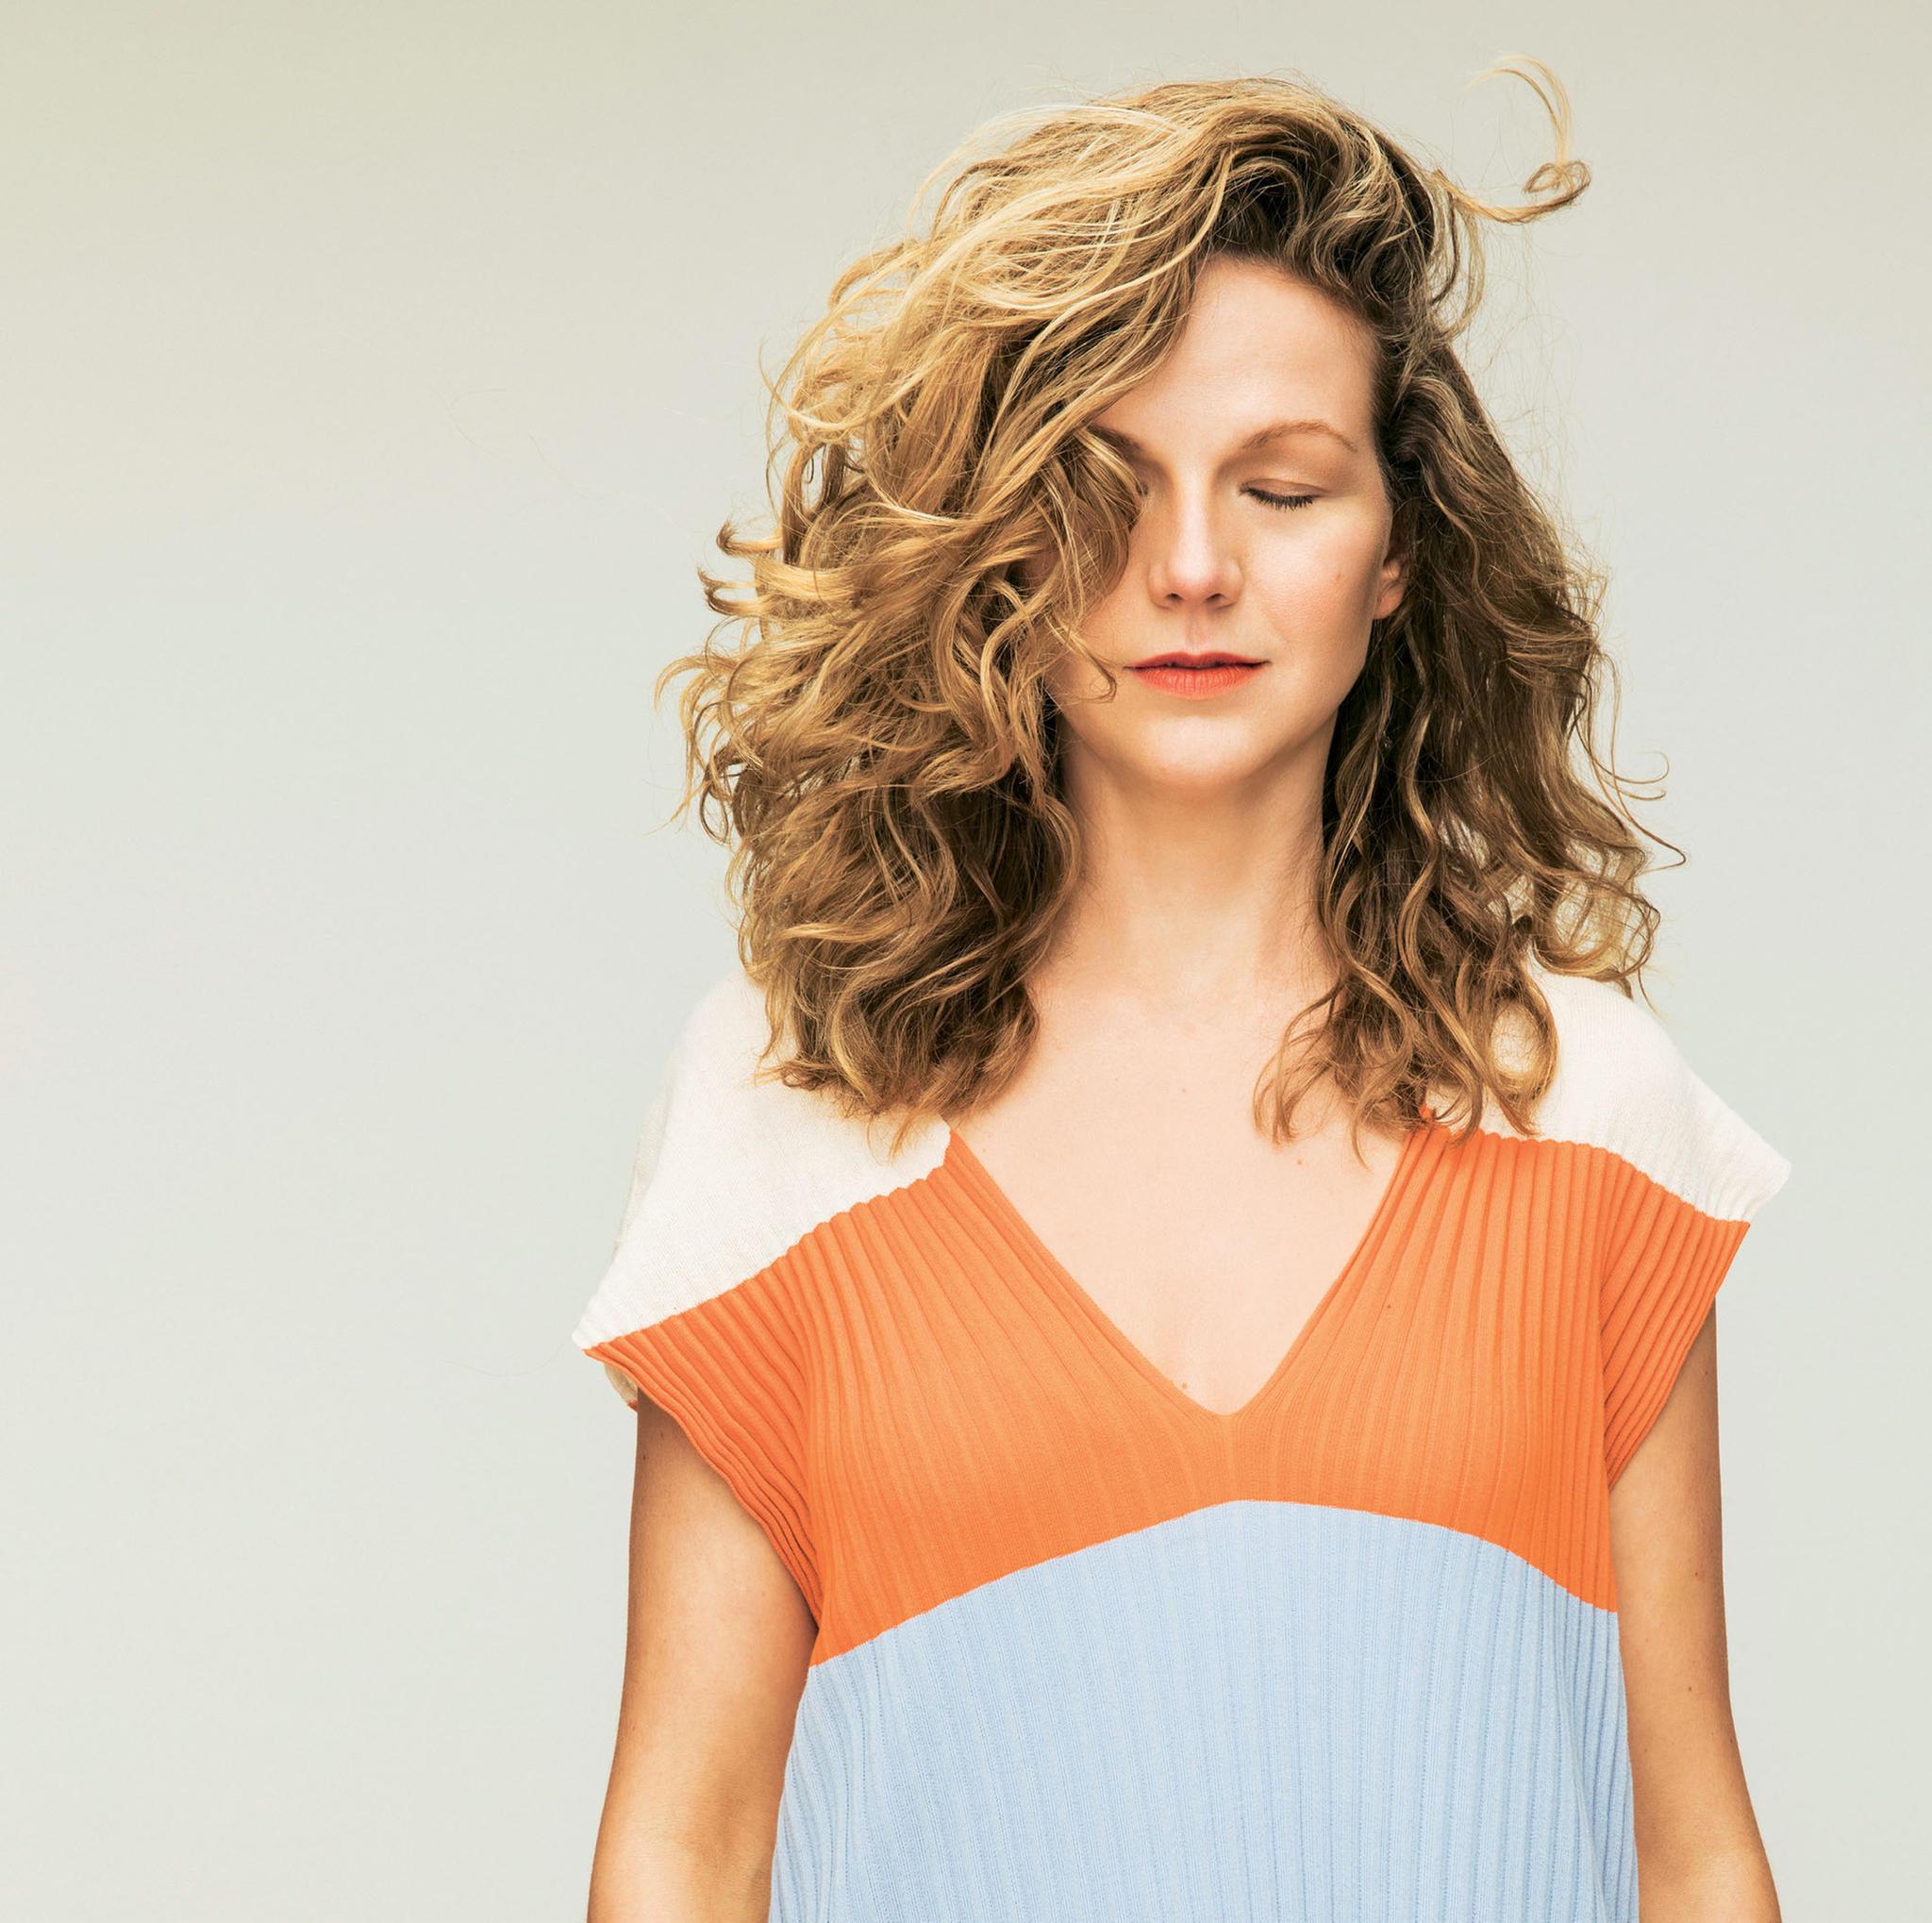 Frisur: Ariane nach dem Umstyling mit ausgedünnten Haaren und Highlights